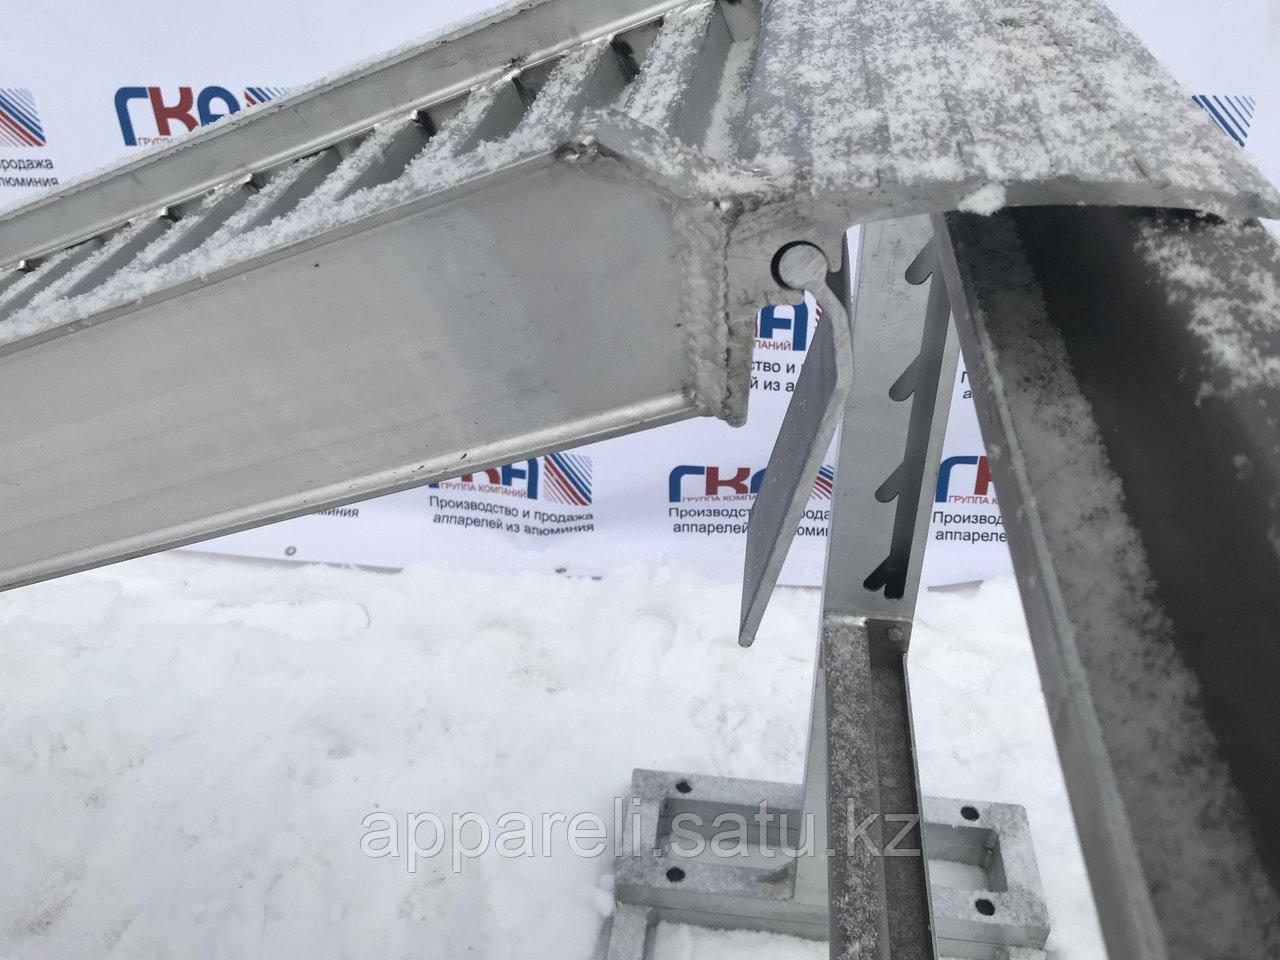 Производство рамп сходней алюминиевых аппарелей 4450 кг